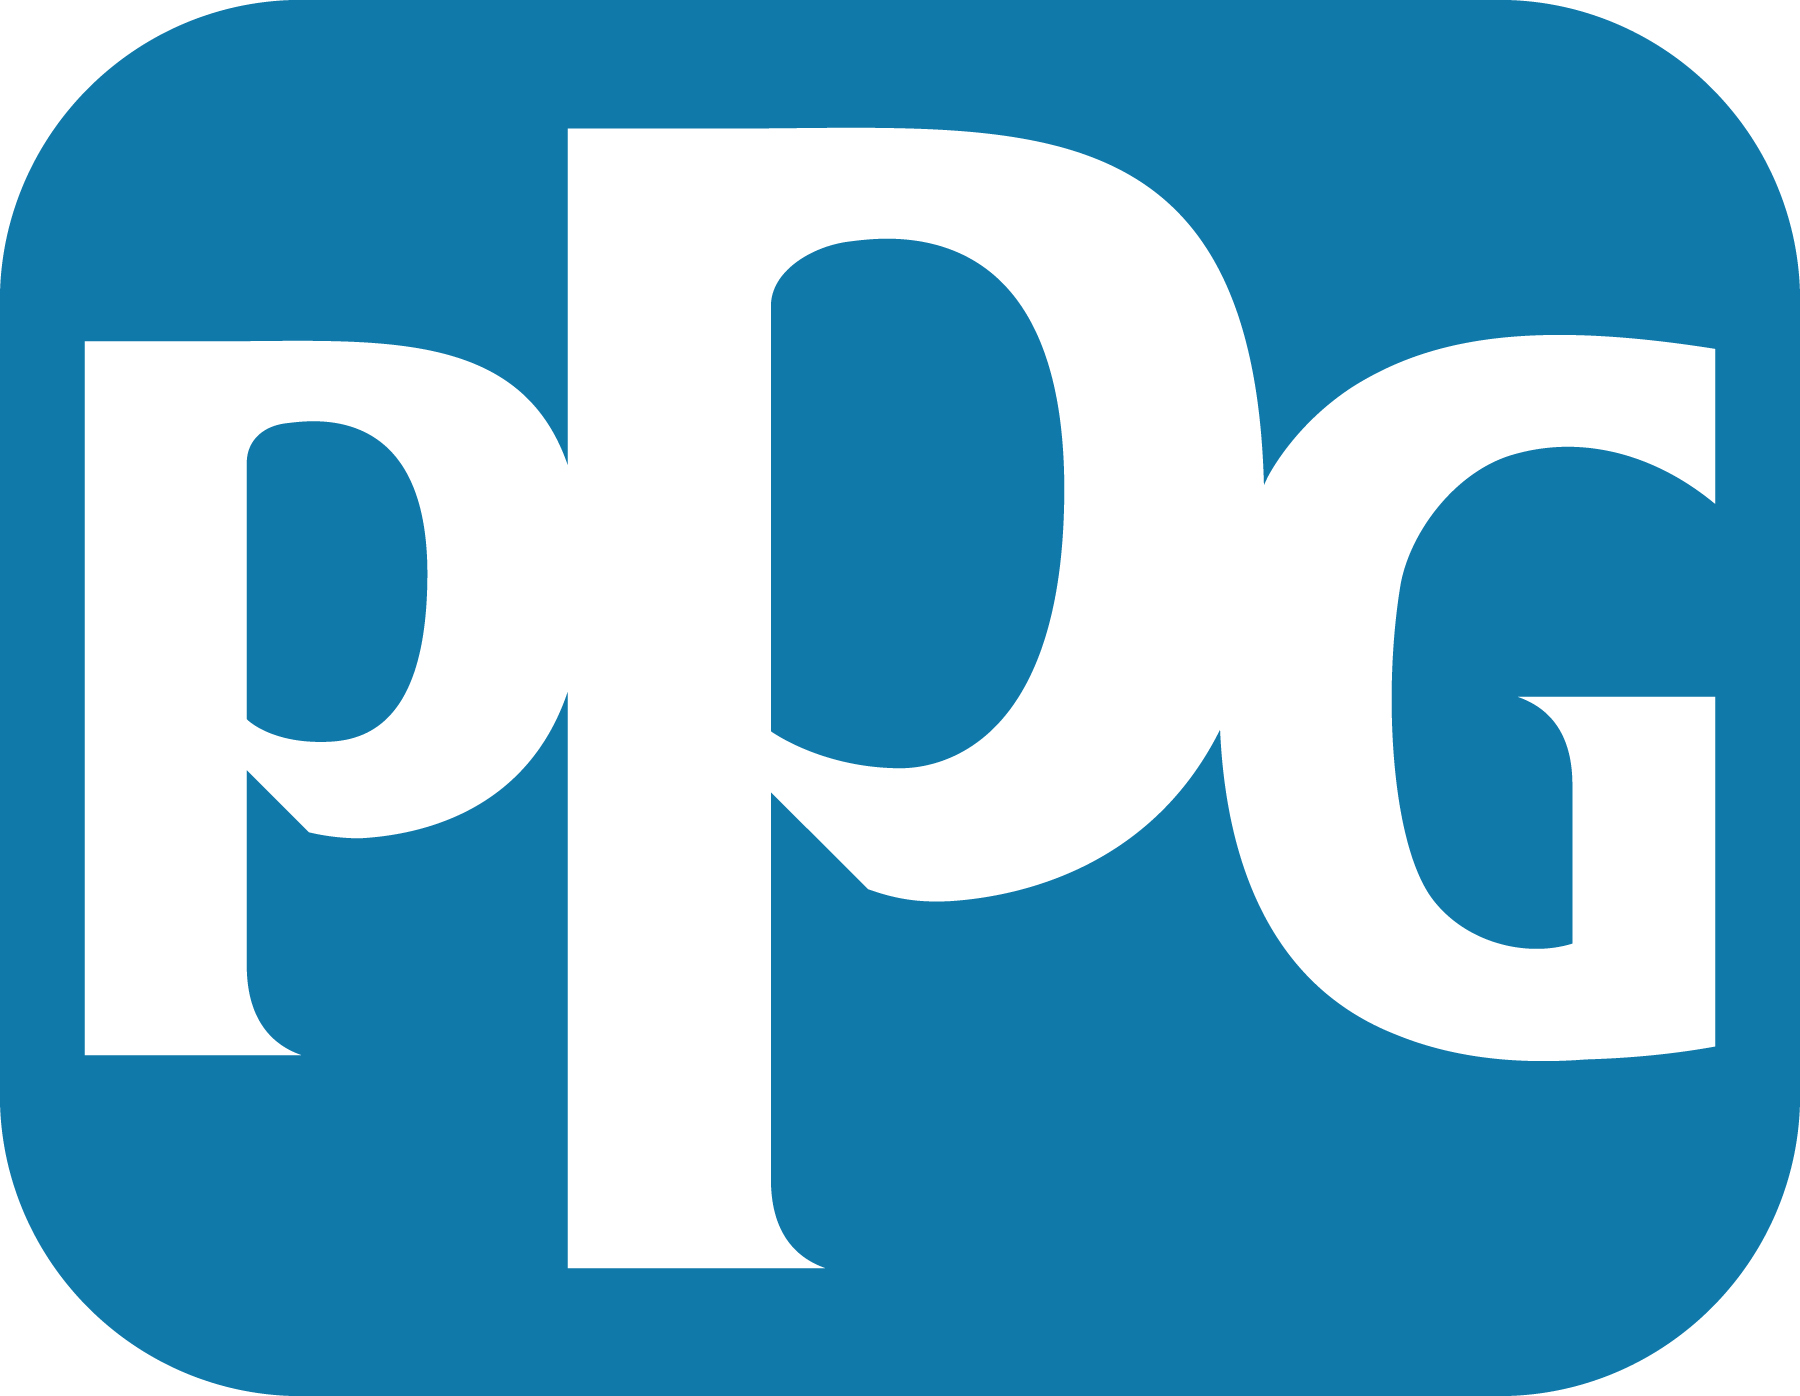 Ppg Lg Rgb Pos